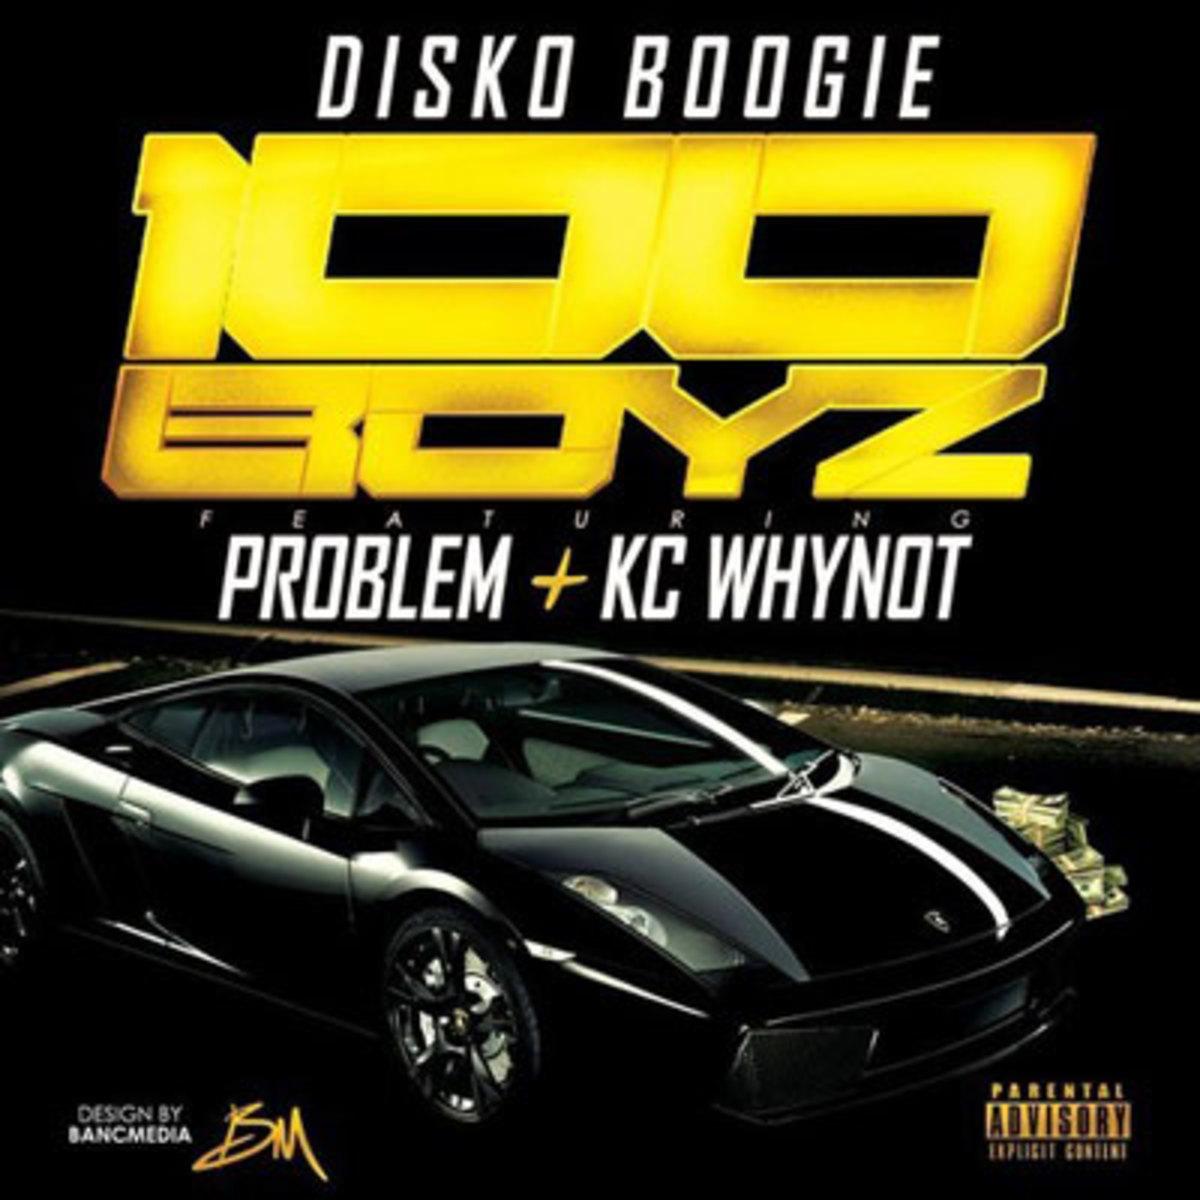 disko-boogie-100-boyz.jpg